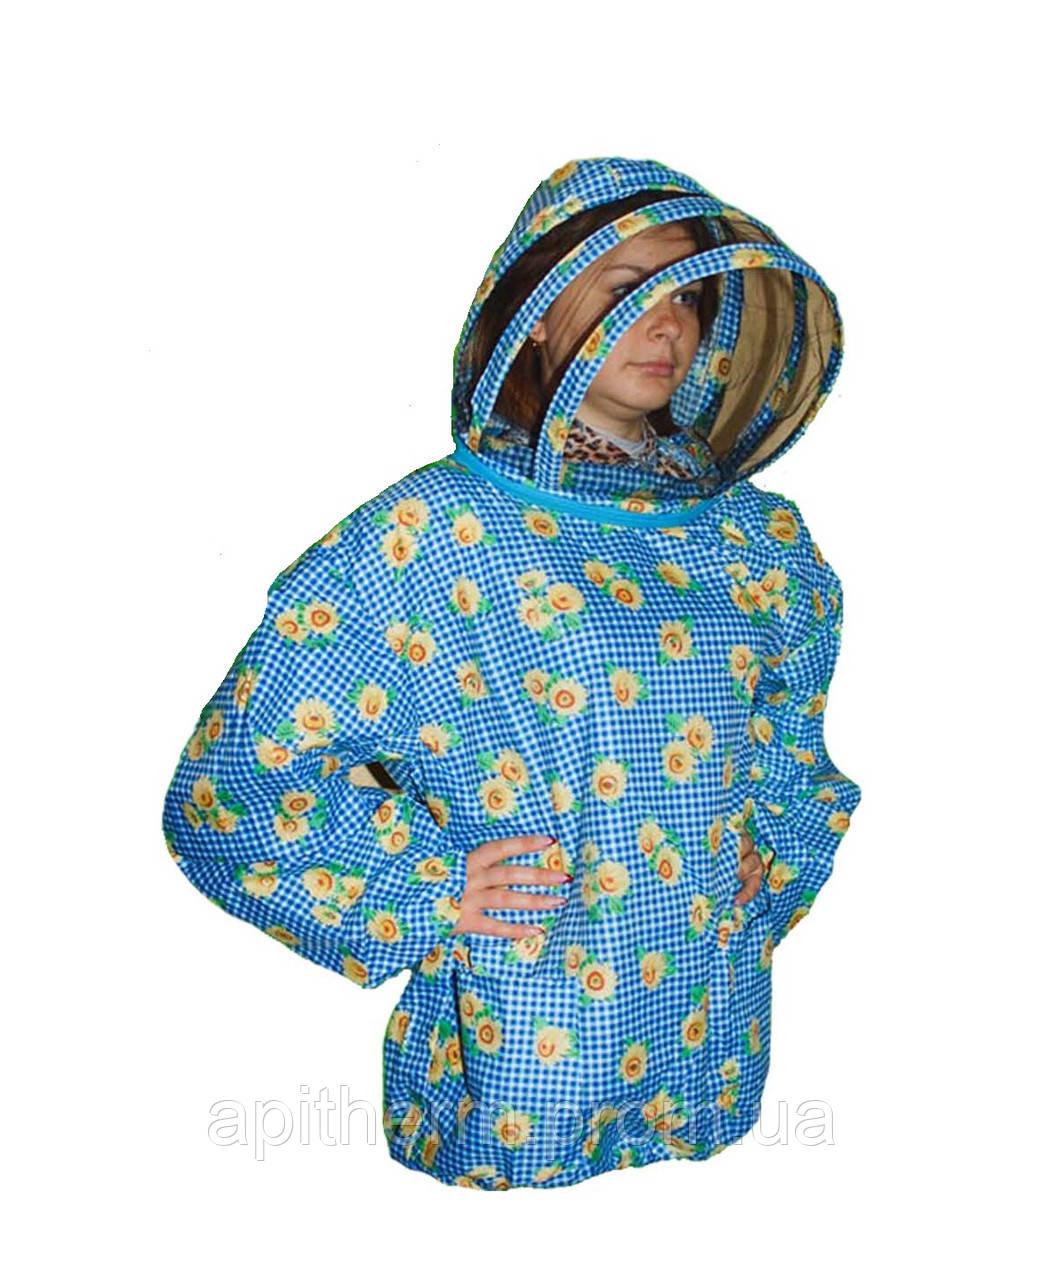 Куртка пчеловода Евро Без замка 100% Хлопок облегчённый. Размер S / 48